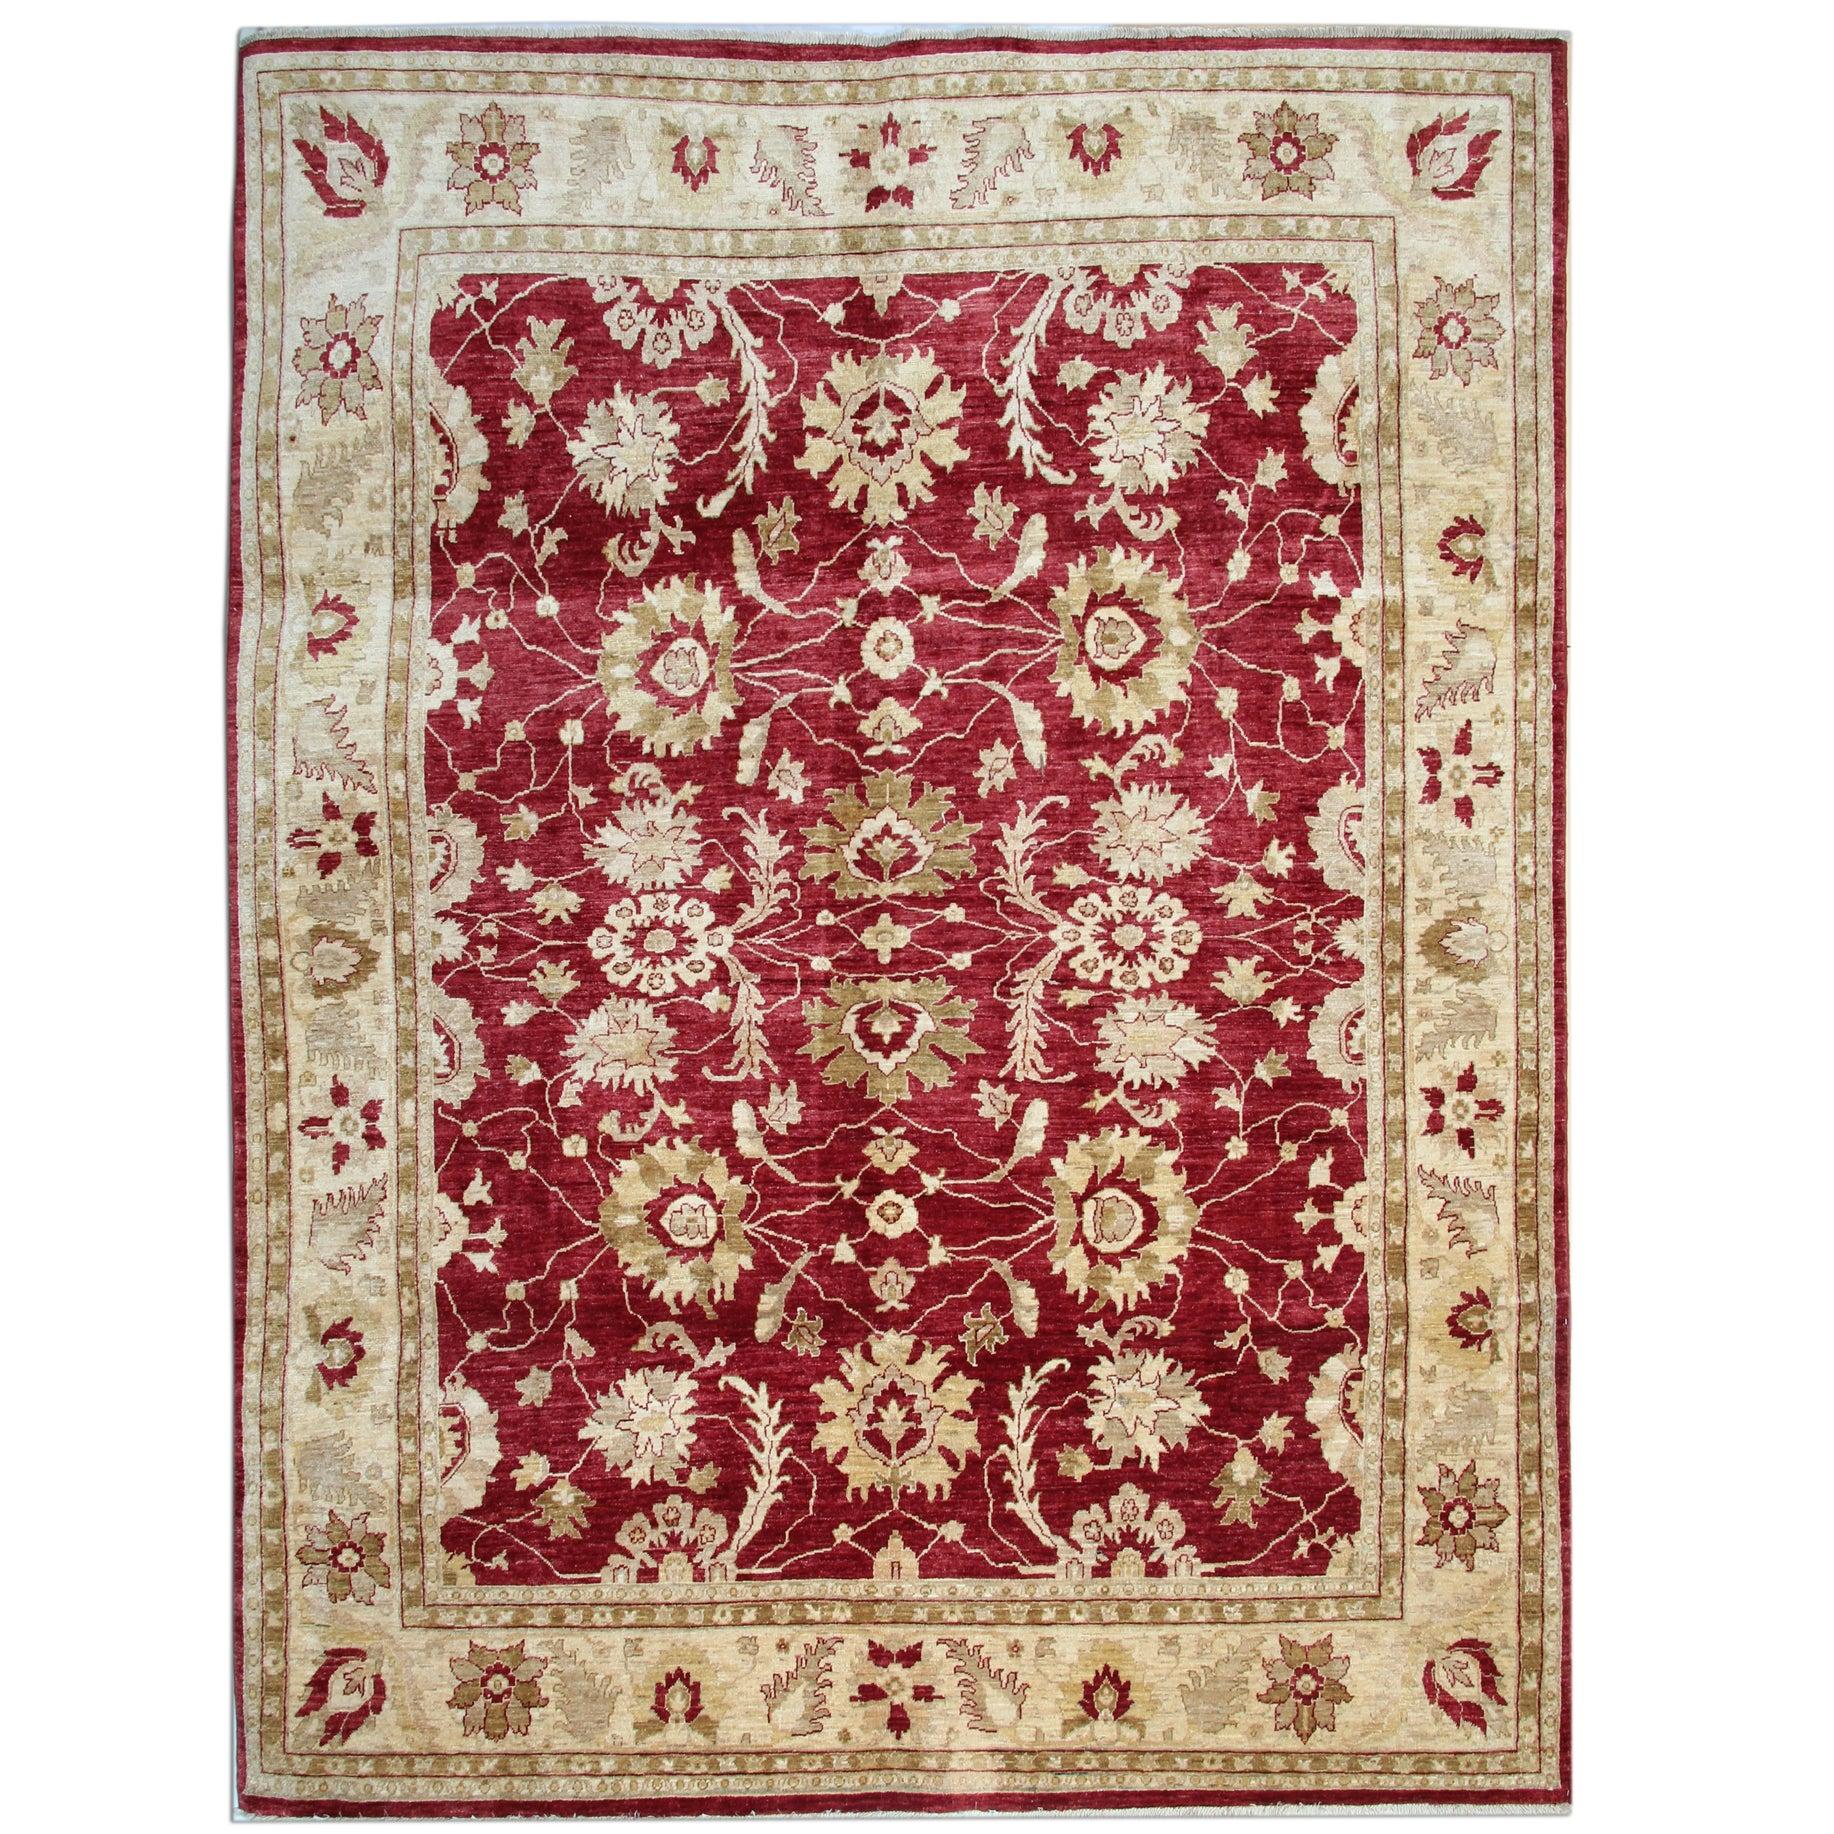 Ziegler Mahal Deep Red Rug, Oriental Rugs Carpet From Afghanistan